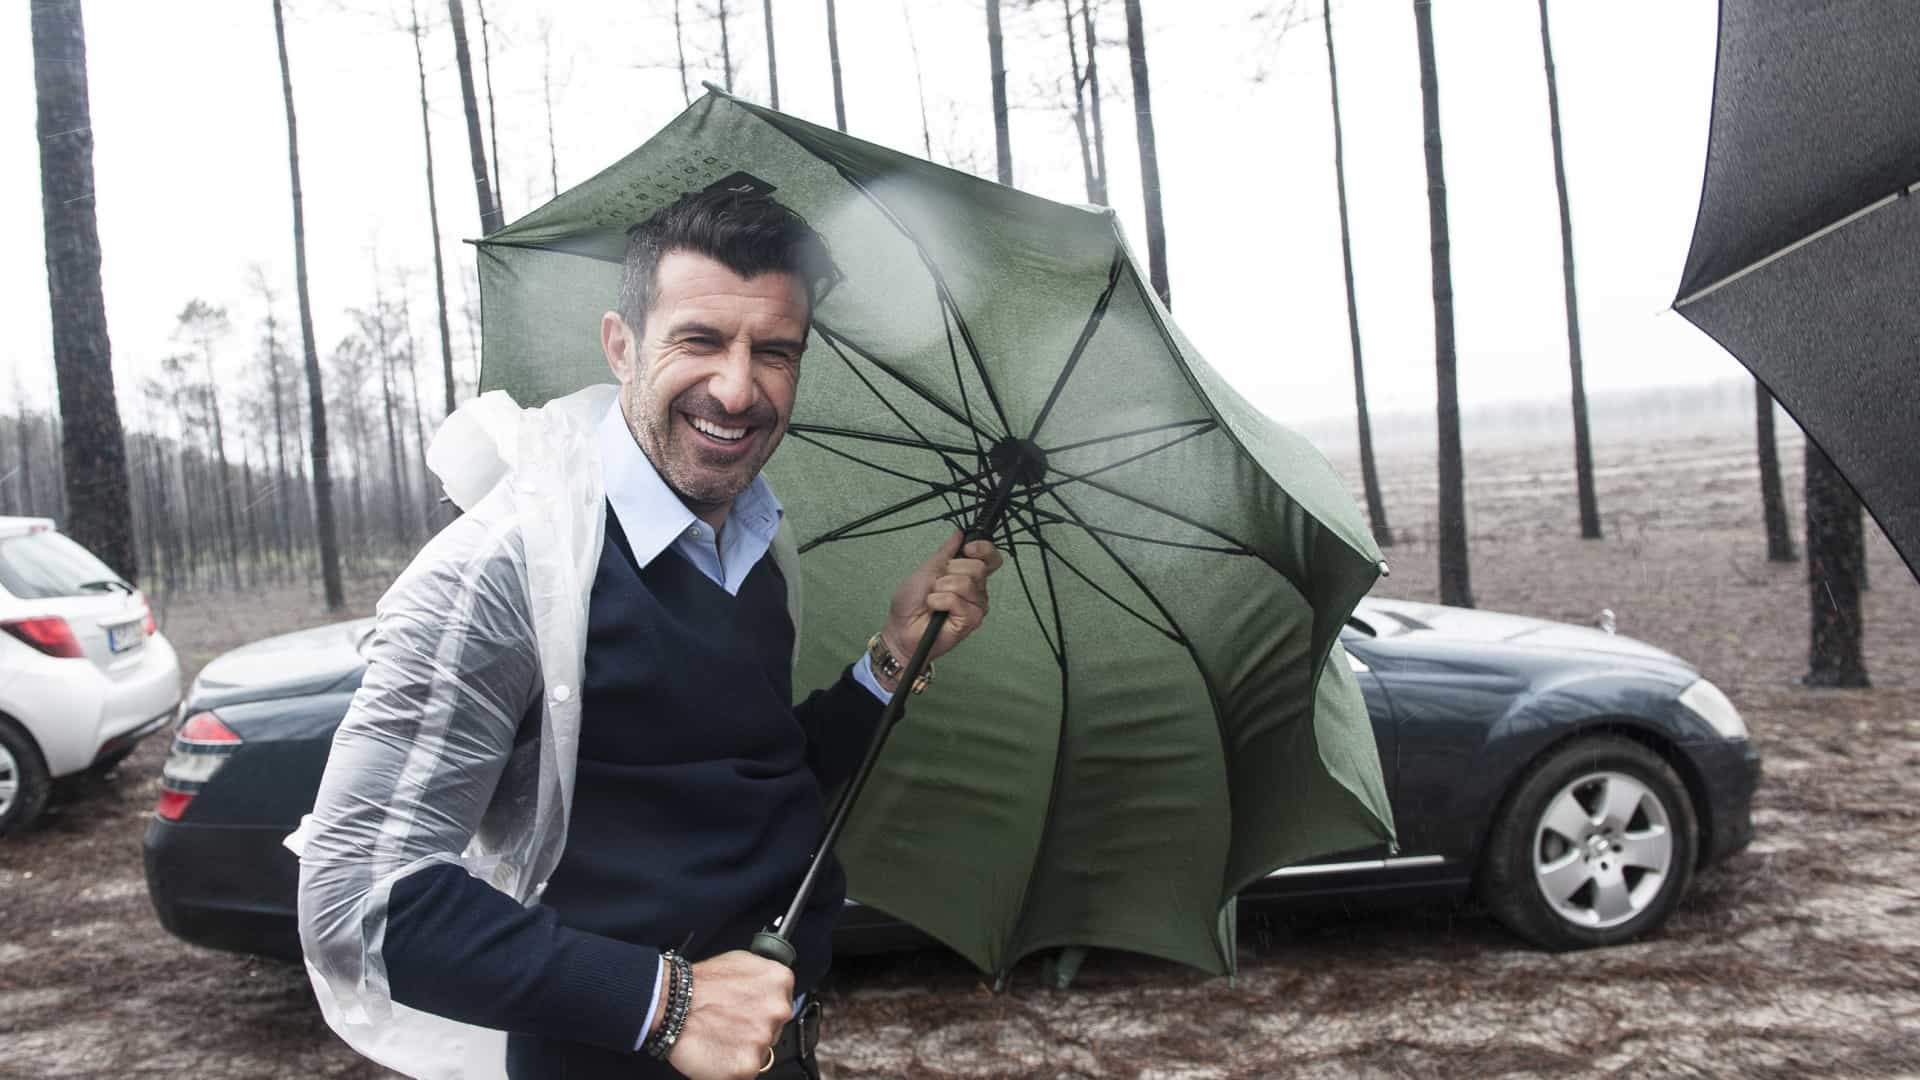 Temporal 'finta' Luís Figo e adia reflorestação no pinhal de Leiria